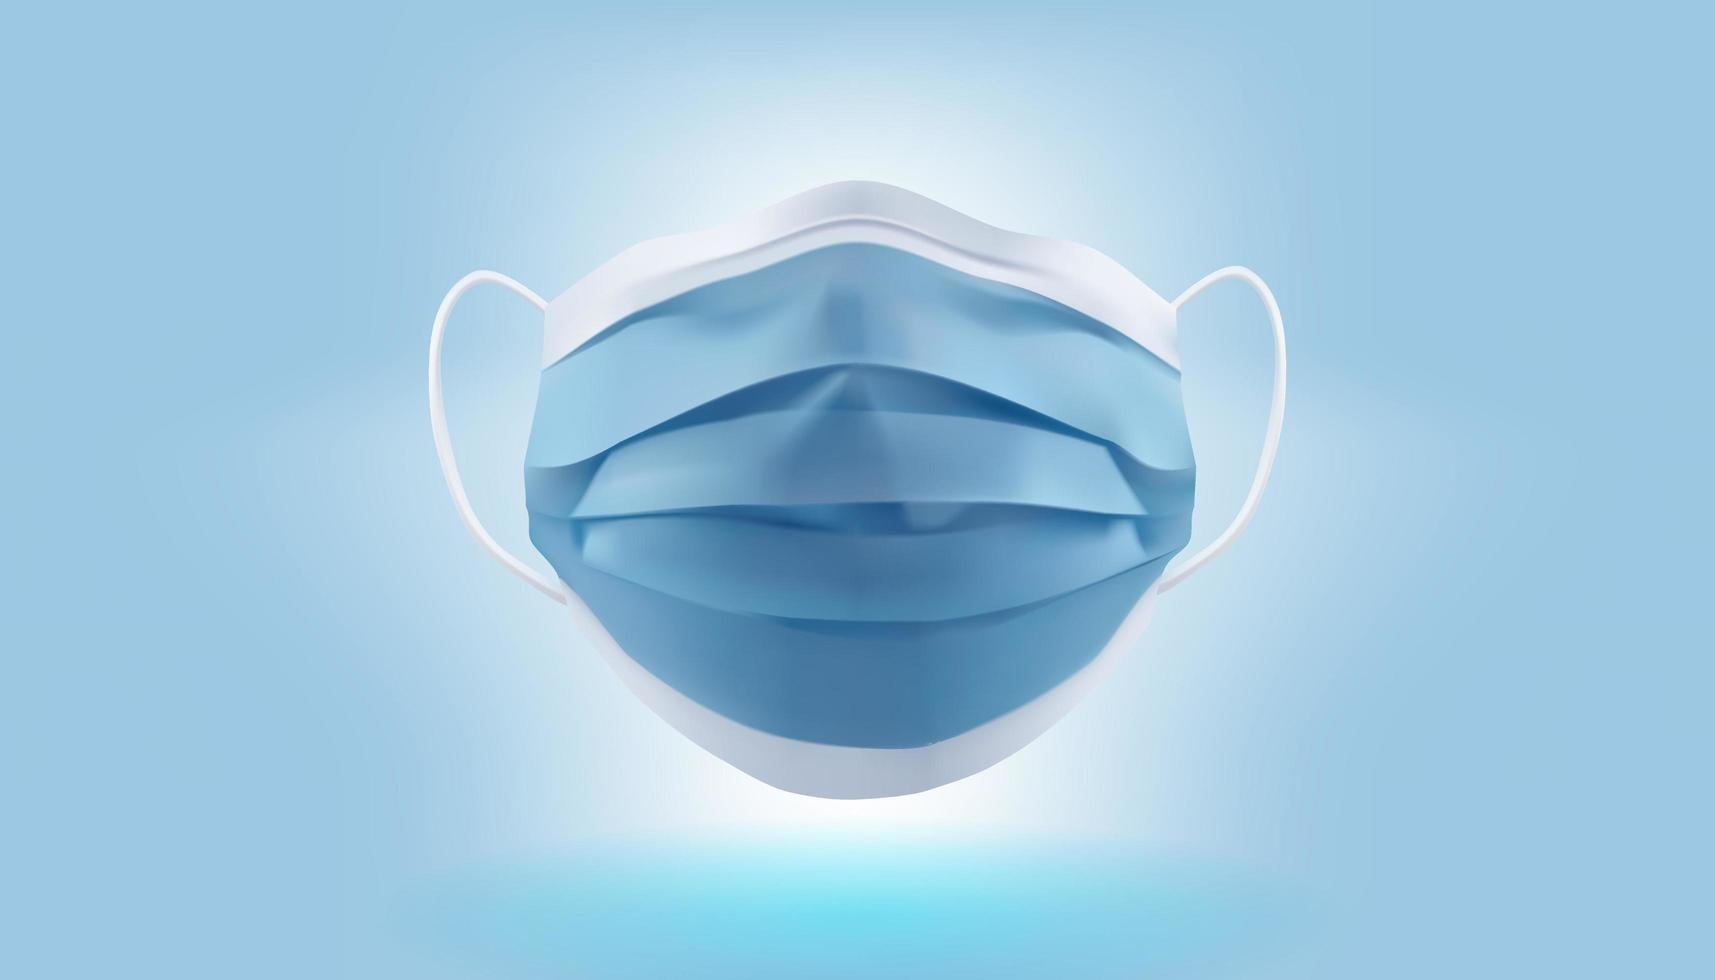 mascarilla médica realista azul vector